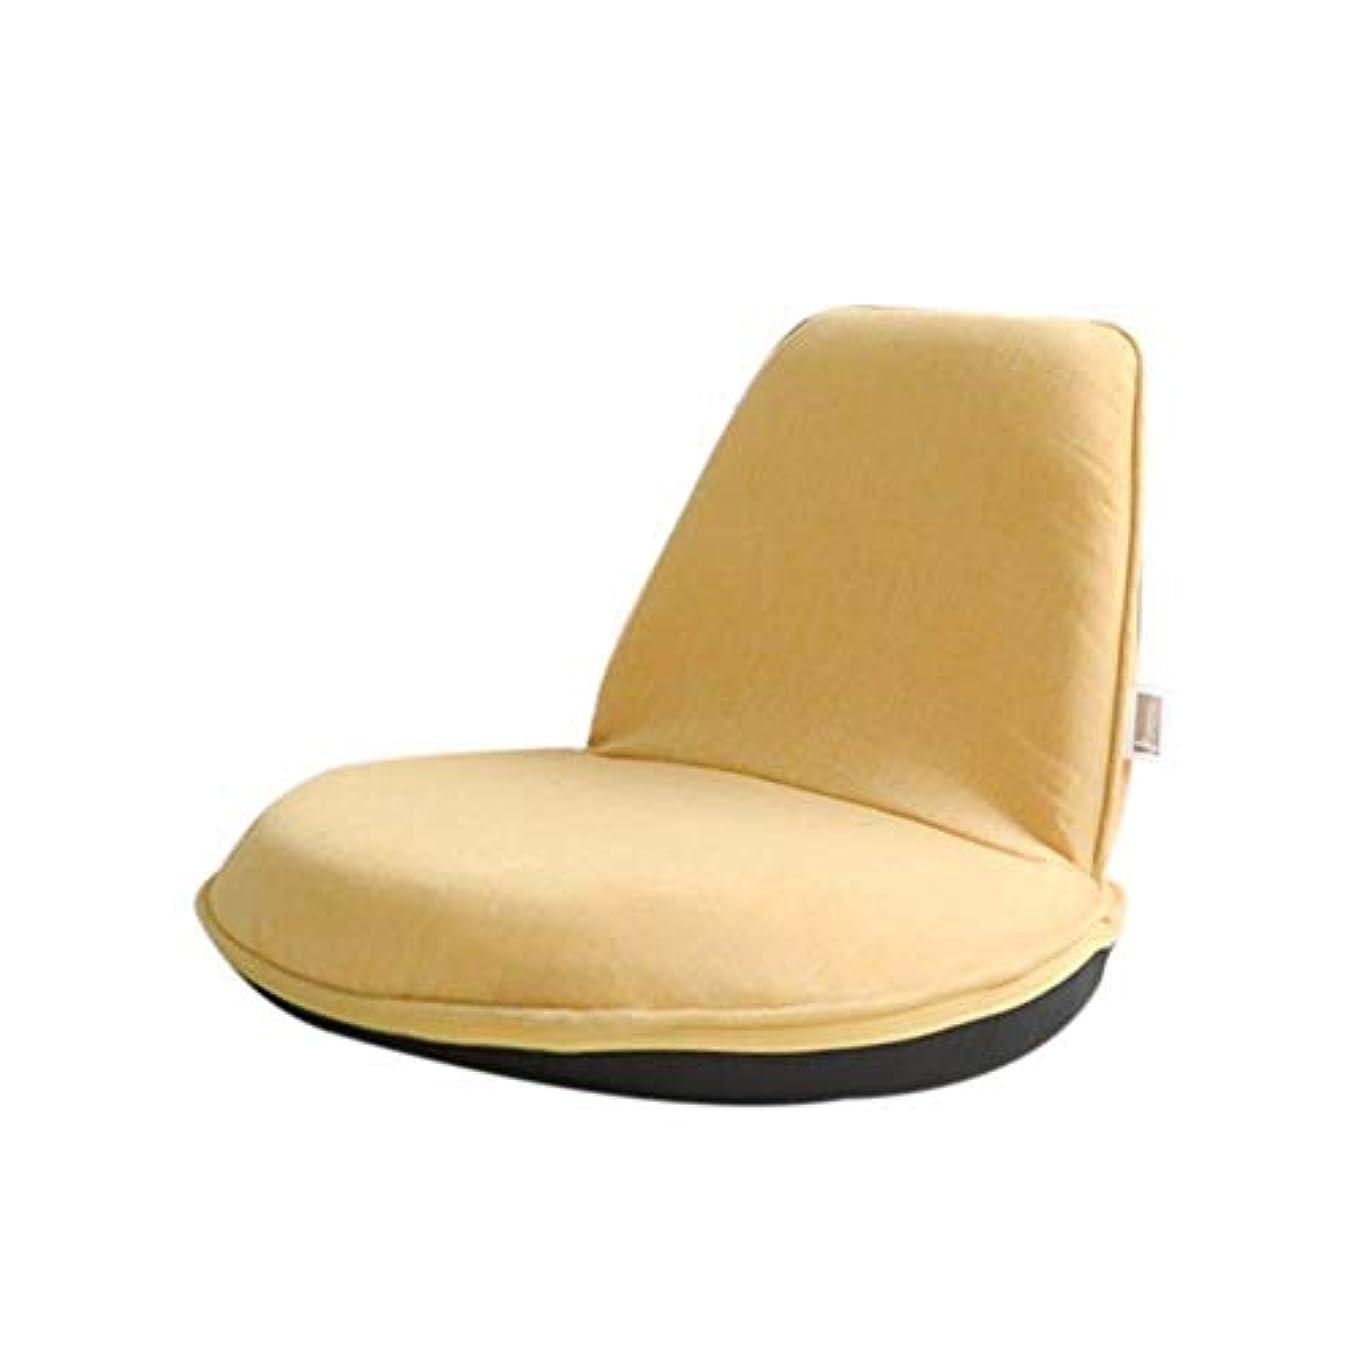 ジョリー歪める長いです瞑想チェア、レイジーチェア、子供用シングルミニ折りたたみフロアチェア、ベッドルームレイジースモールソファ、ゲームチェア、畳、背もたれ付きベッドルームベイウィンドウ日本の椅子 (Color : 黄)